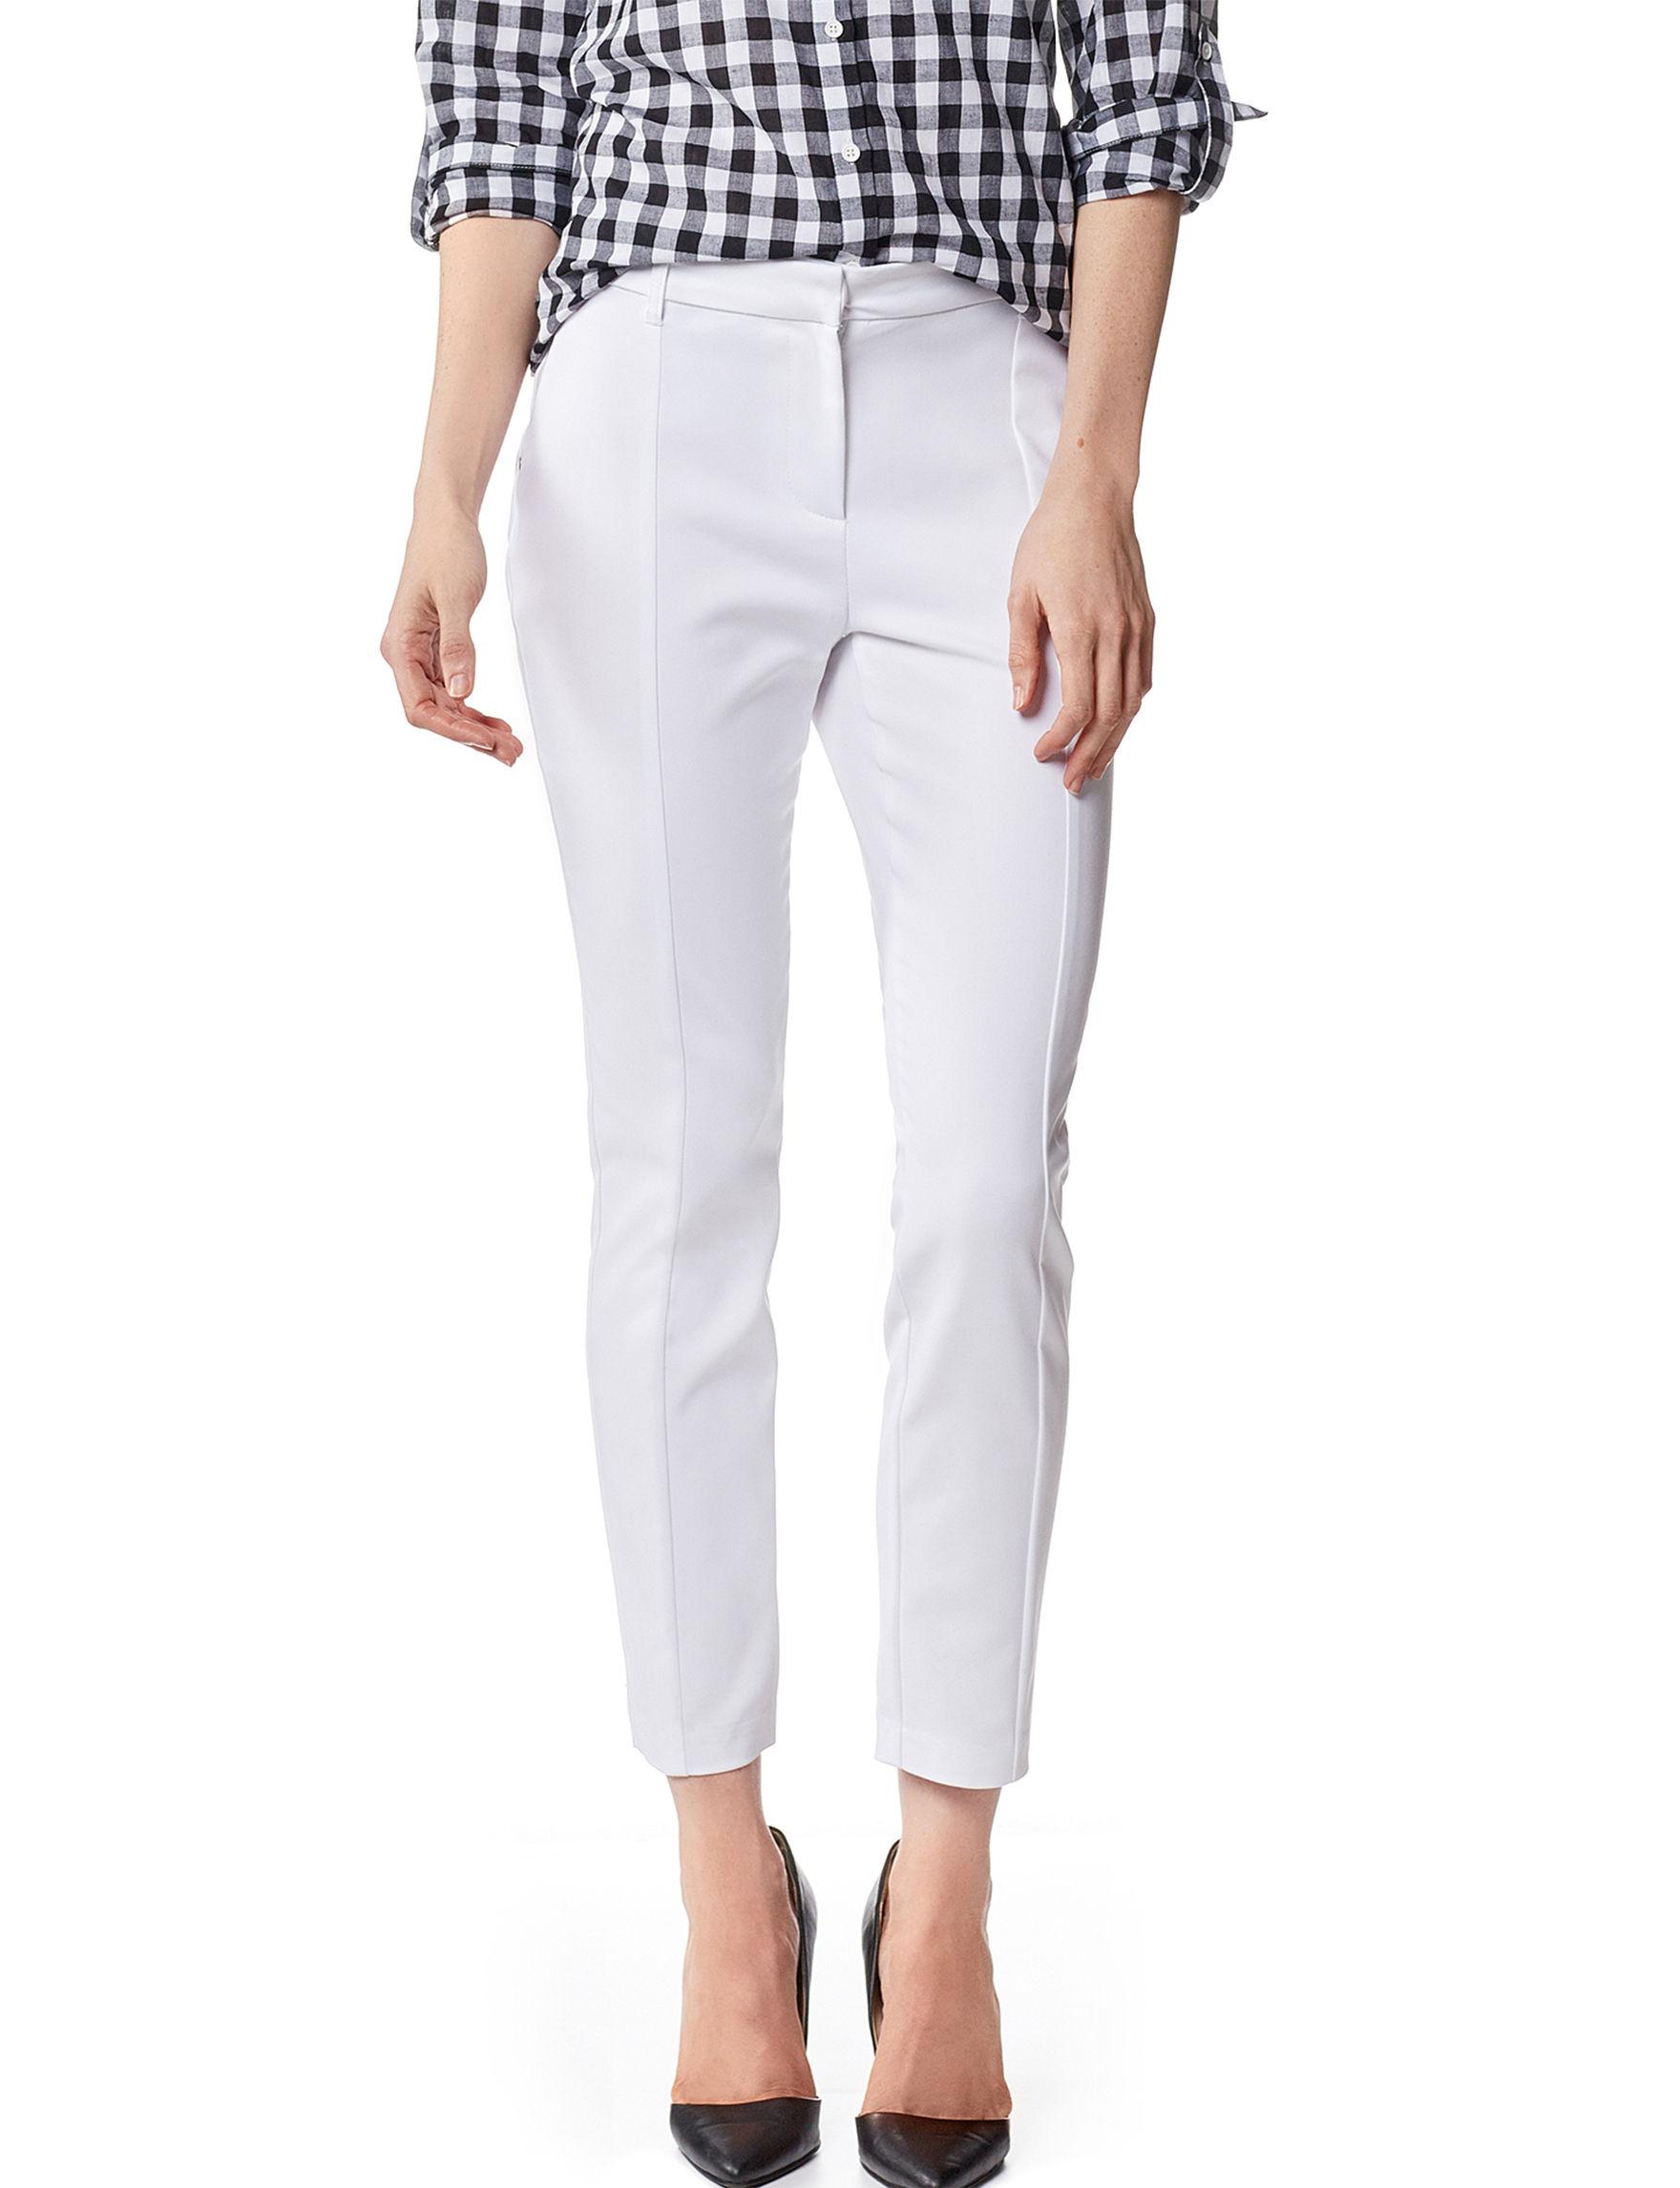 ABS by Allen Schwartz White Soft Pants